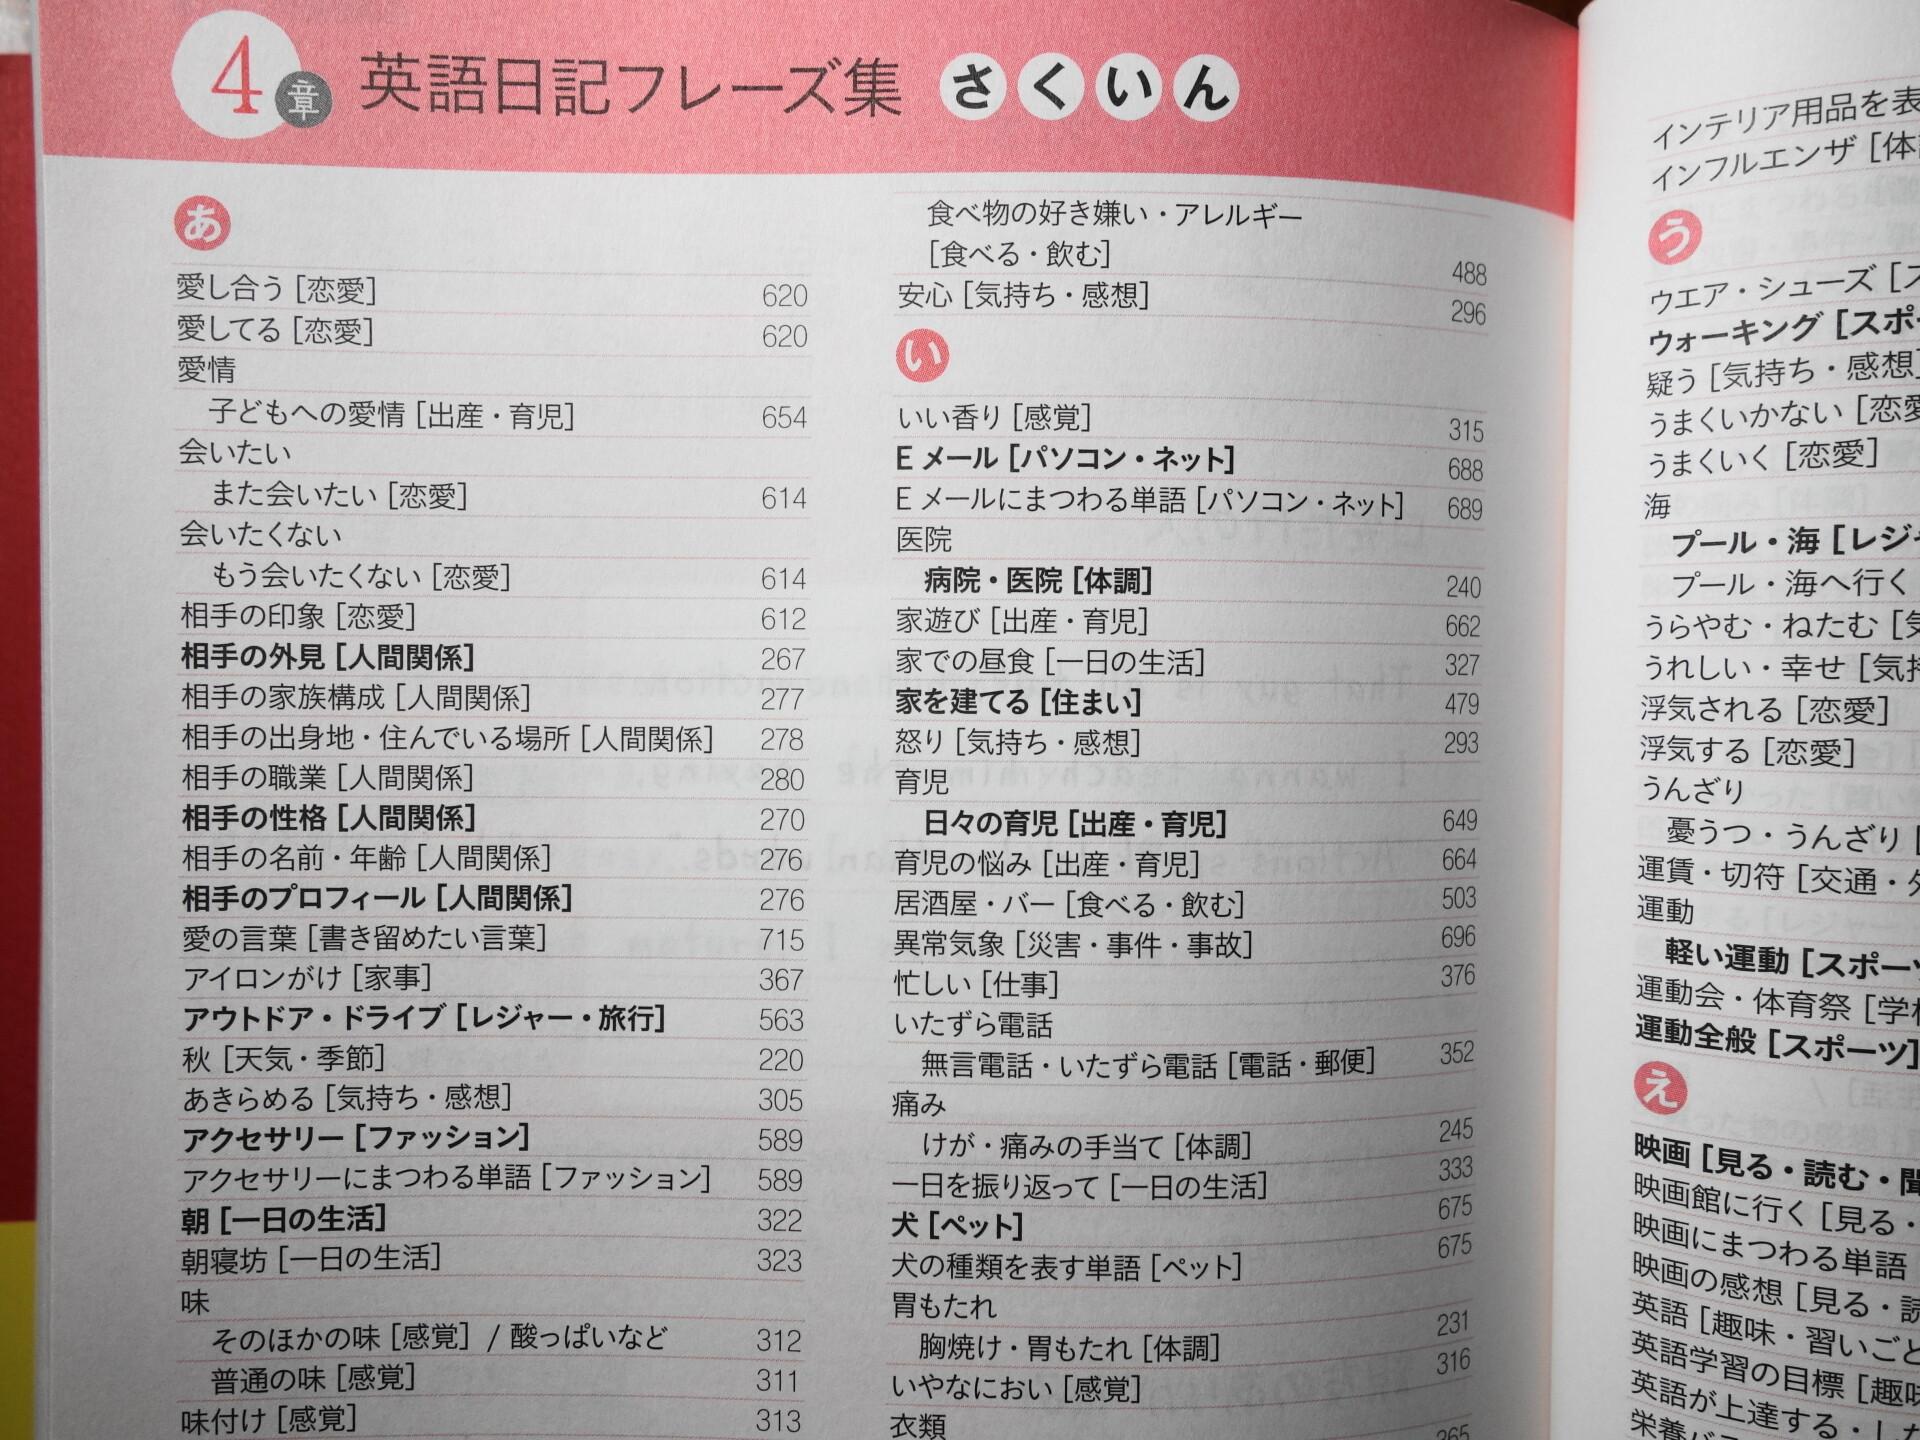 英語日記フレーズ集の索引